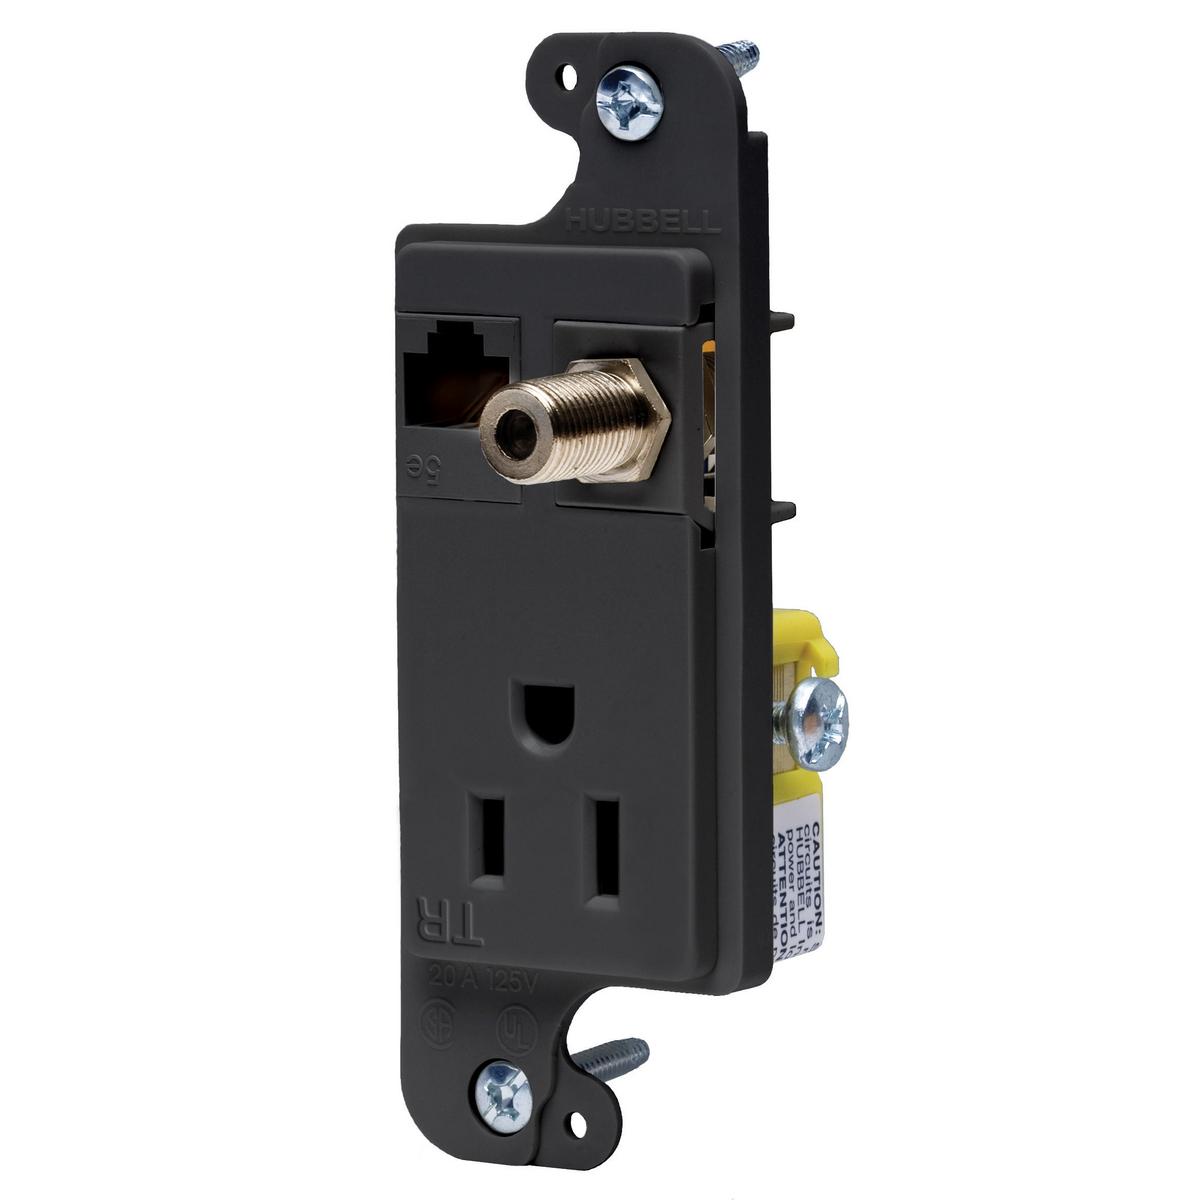 Hubbell RJ650BKTR 15 Amp 125 Volt Black Standard Multimedia Outlet